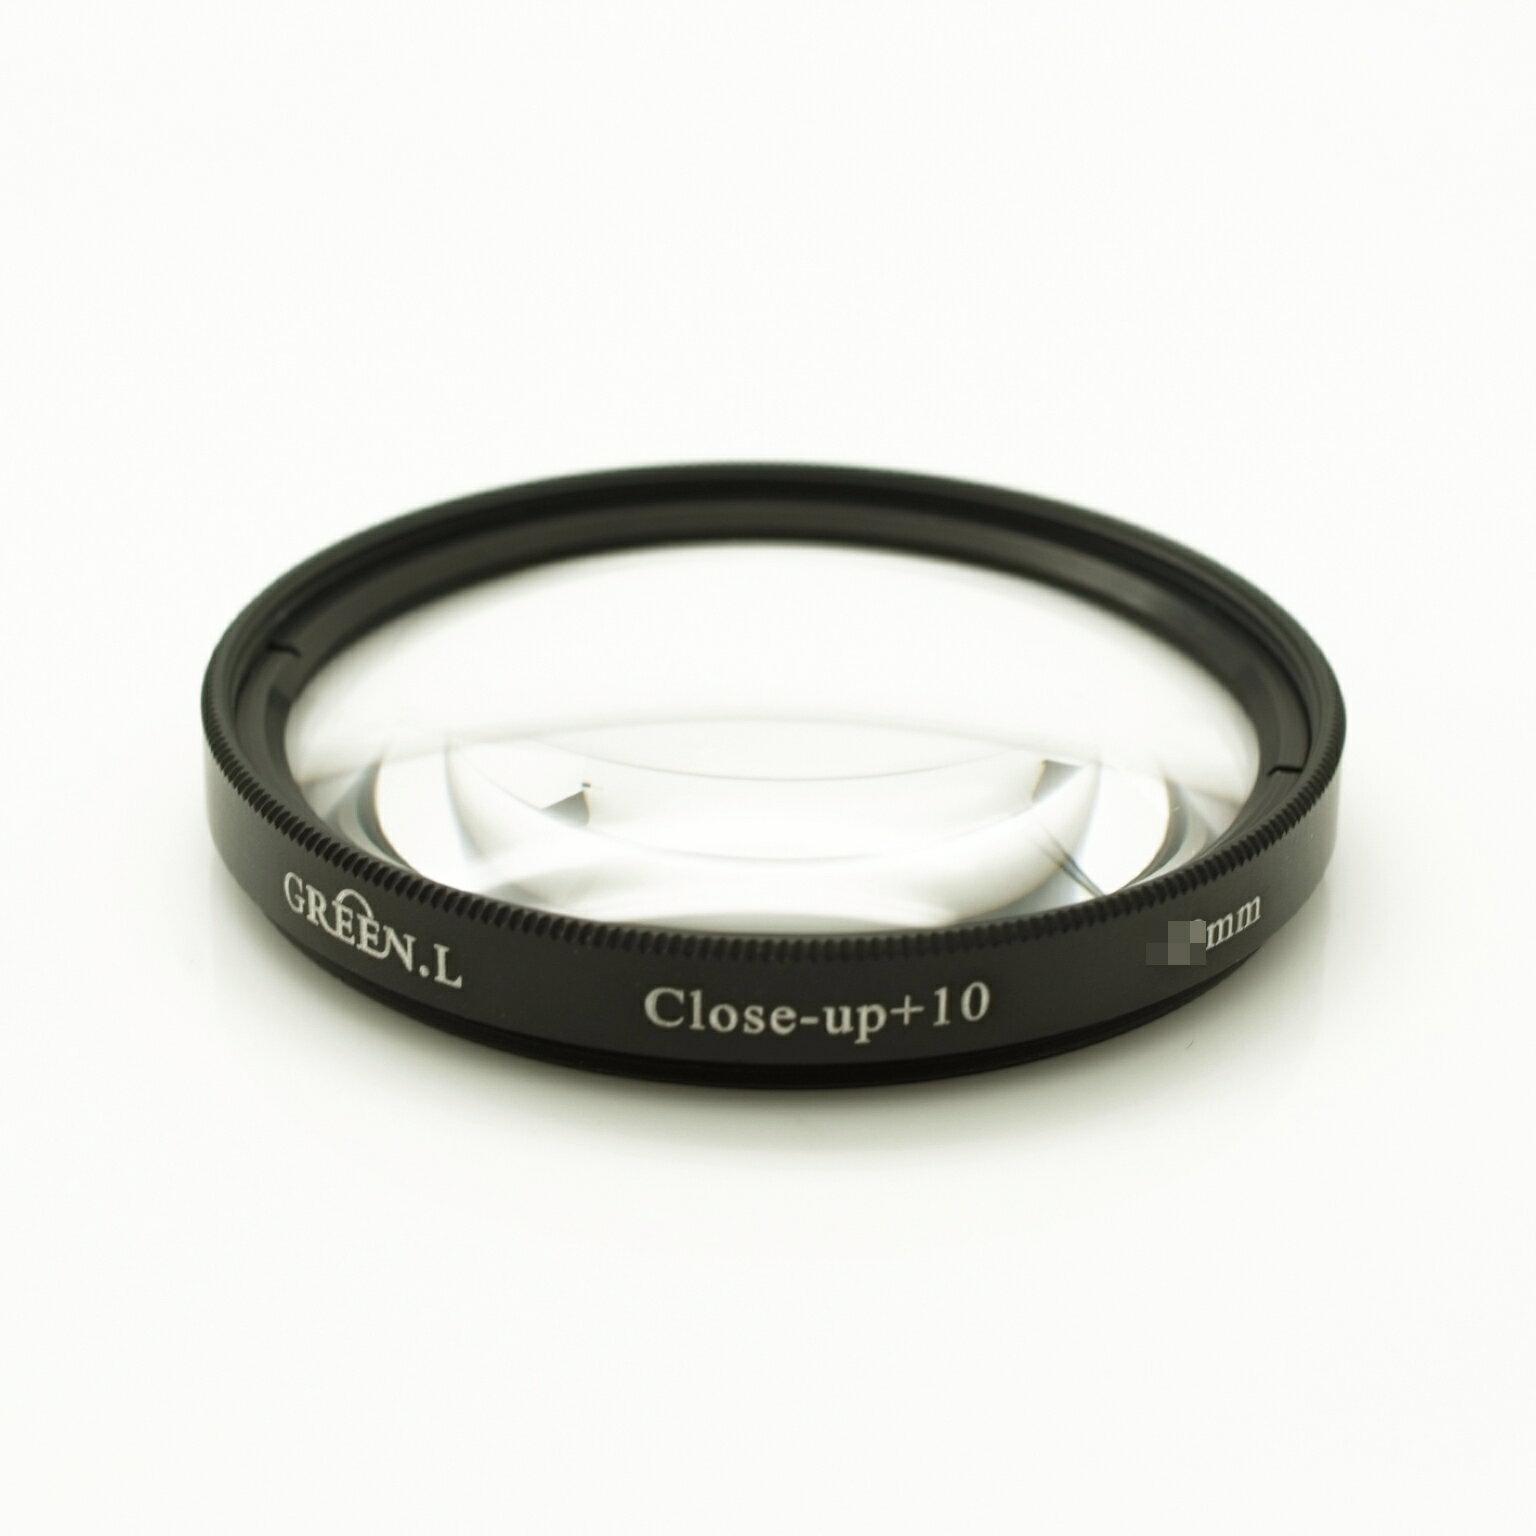 又敗家@ Green.L 46mm近攝鏡(close-up+10)Micro Macro鏡微距鏡,代倒接環雙陽環適近拍生態攝影適Panasonic 14mm F2.5 20mm F1.7 45-175..